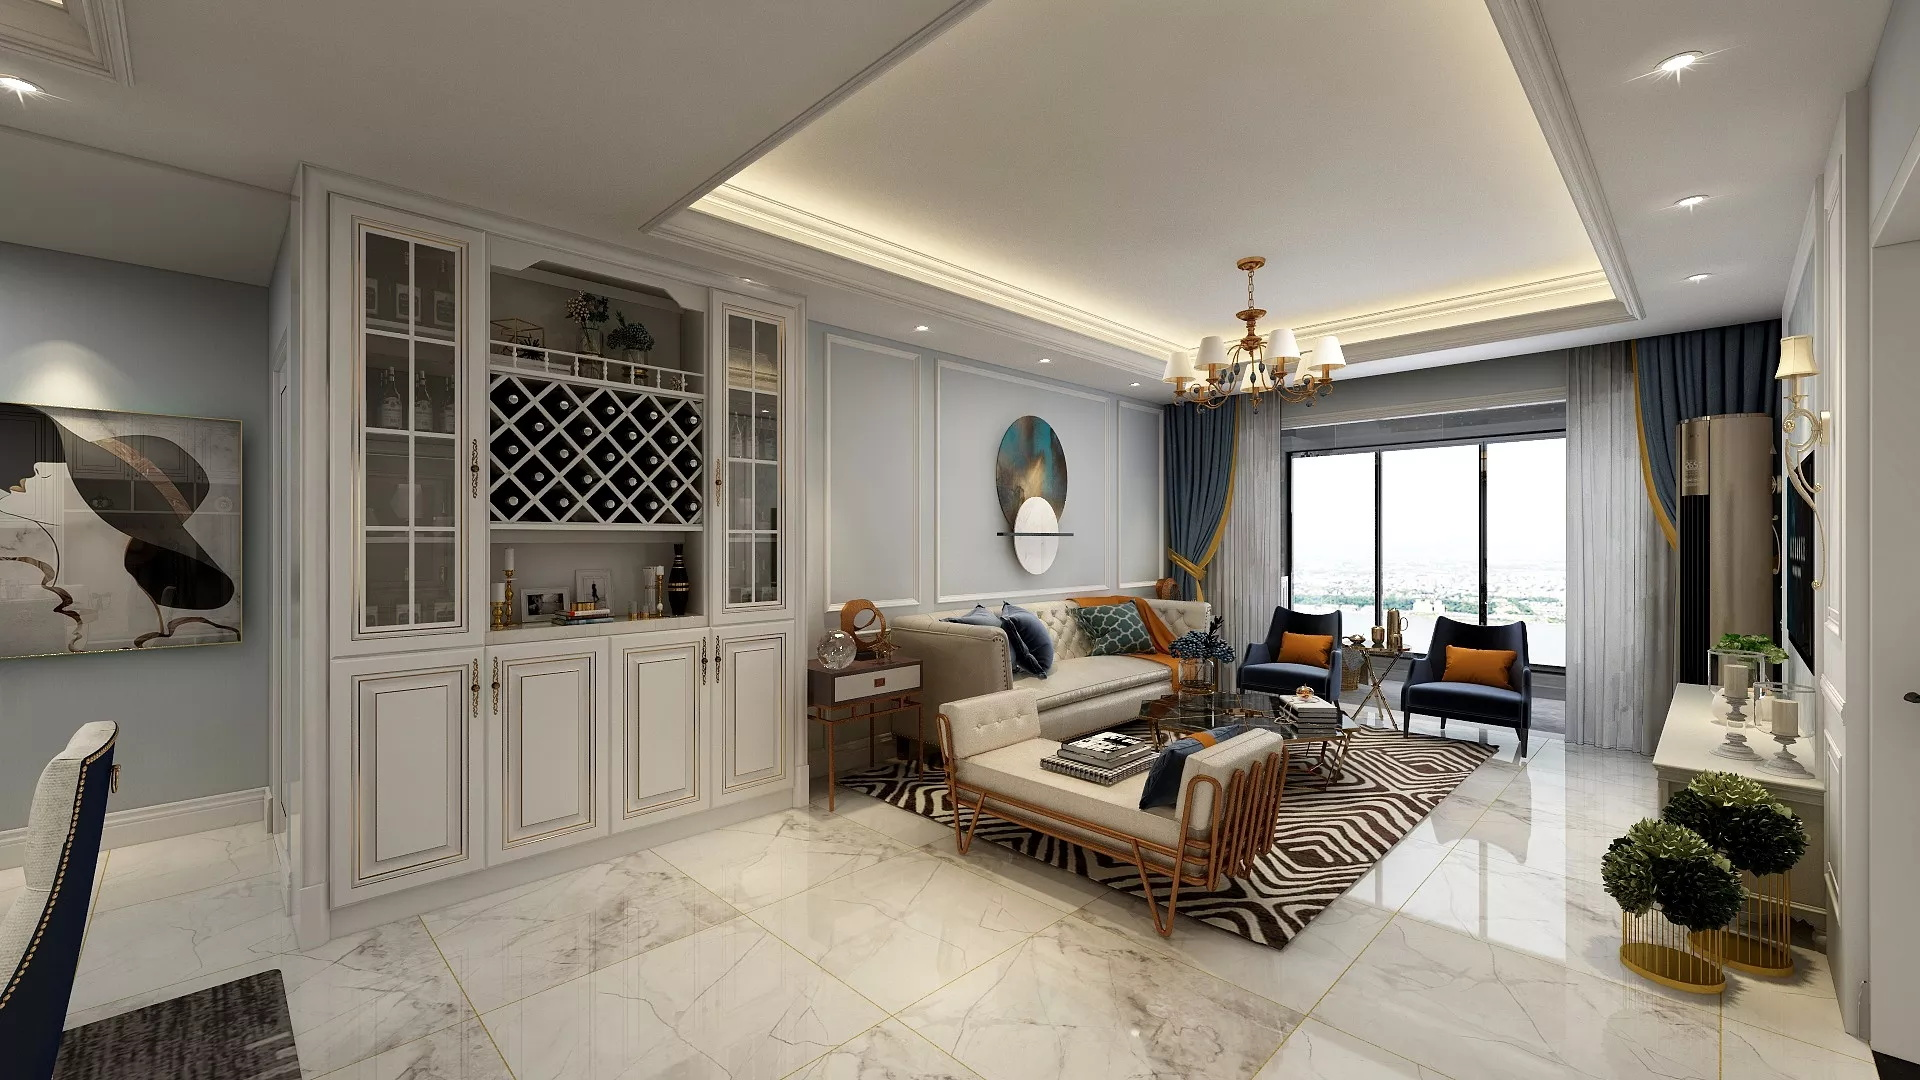 客厅隔断的方案 客厅和饭厅隔断的方案如何选择